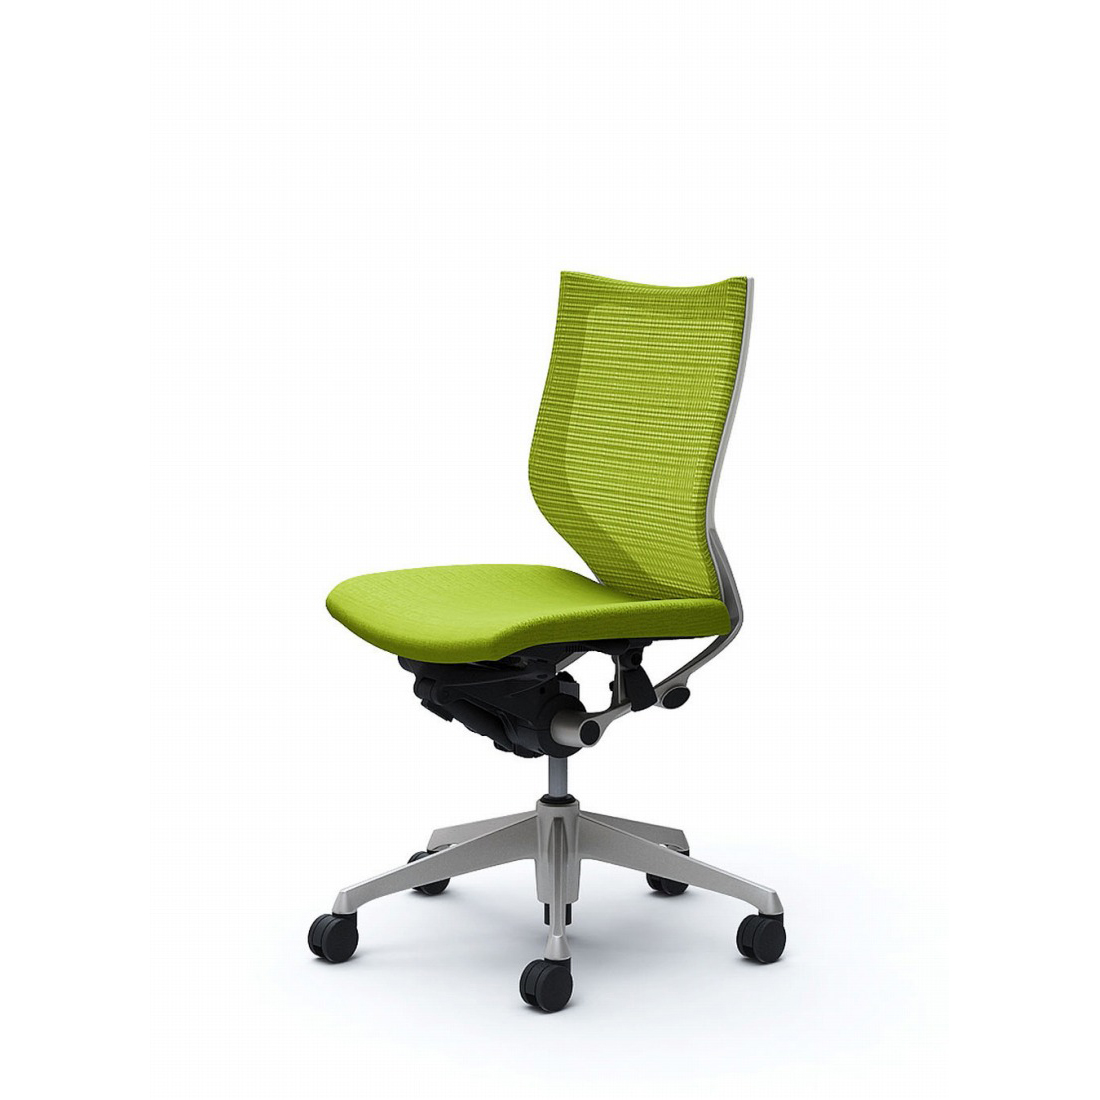 バロン オフィスチェア CP33DW 【ローバック 肘なし 座クッション シルバー ホワイトフレーム:シルバー ホワイトフレーム】(代引不可)【送料無料】